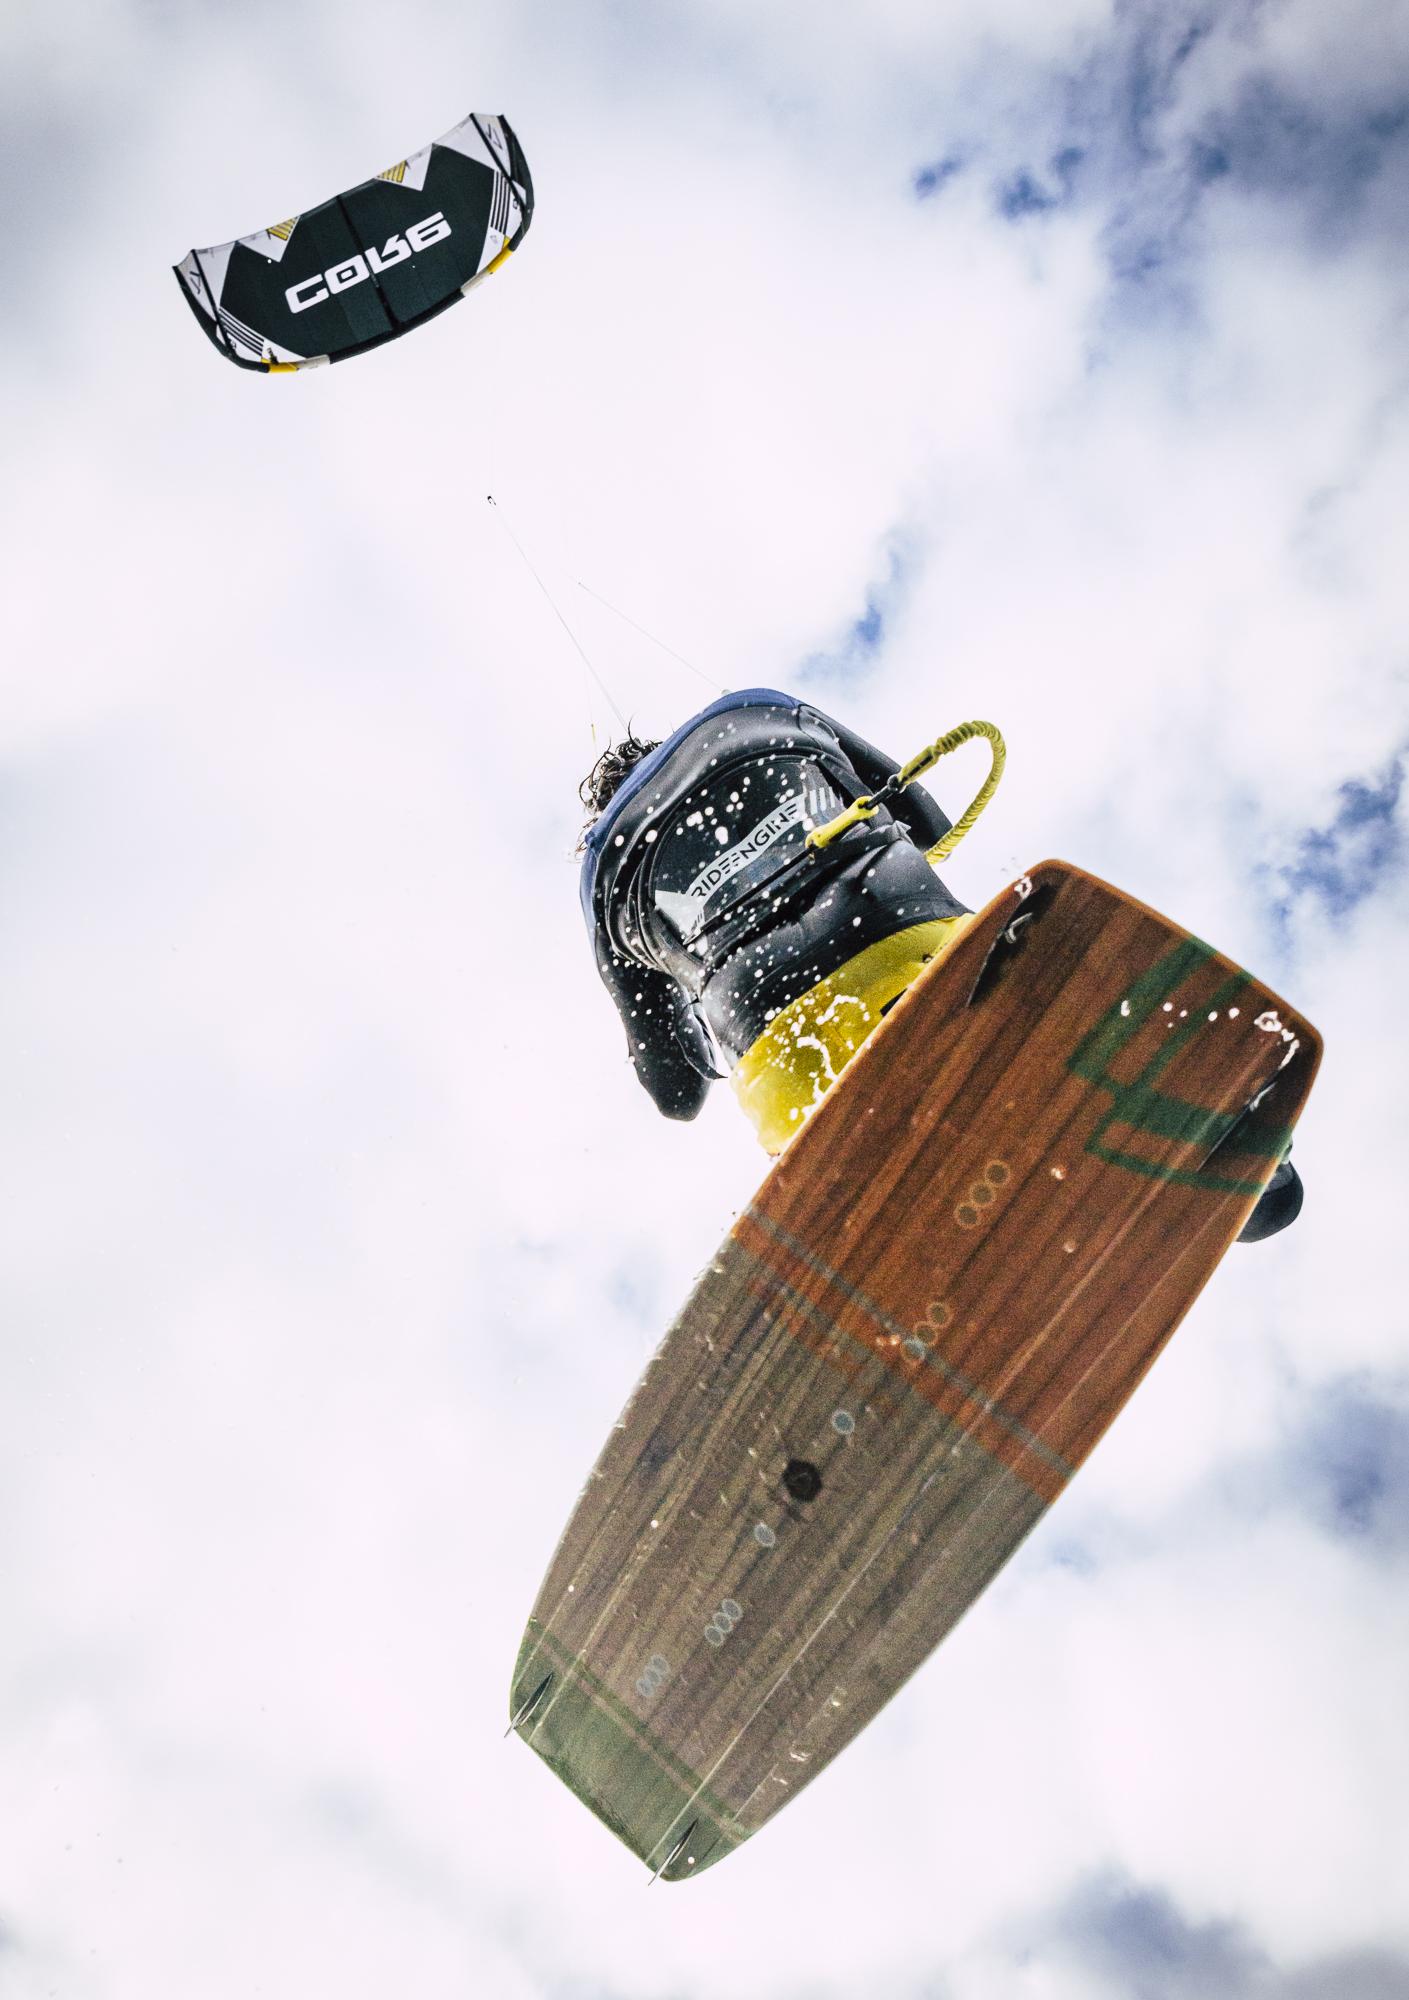 kitesurfer sprung